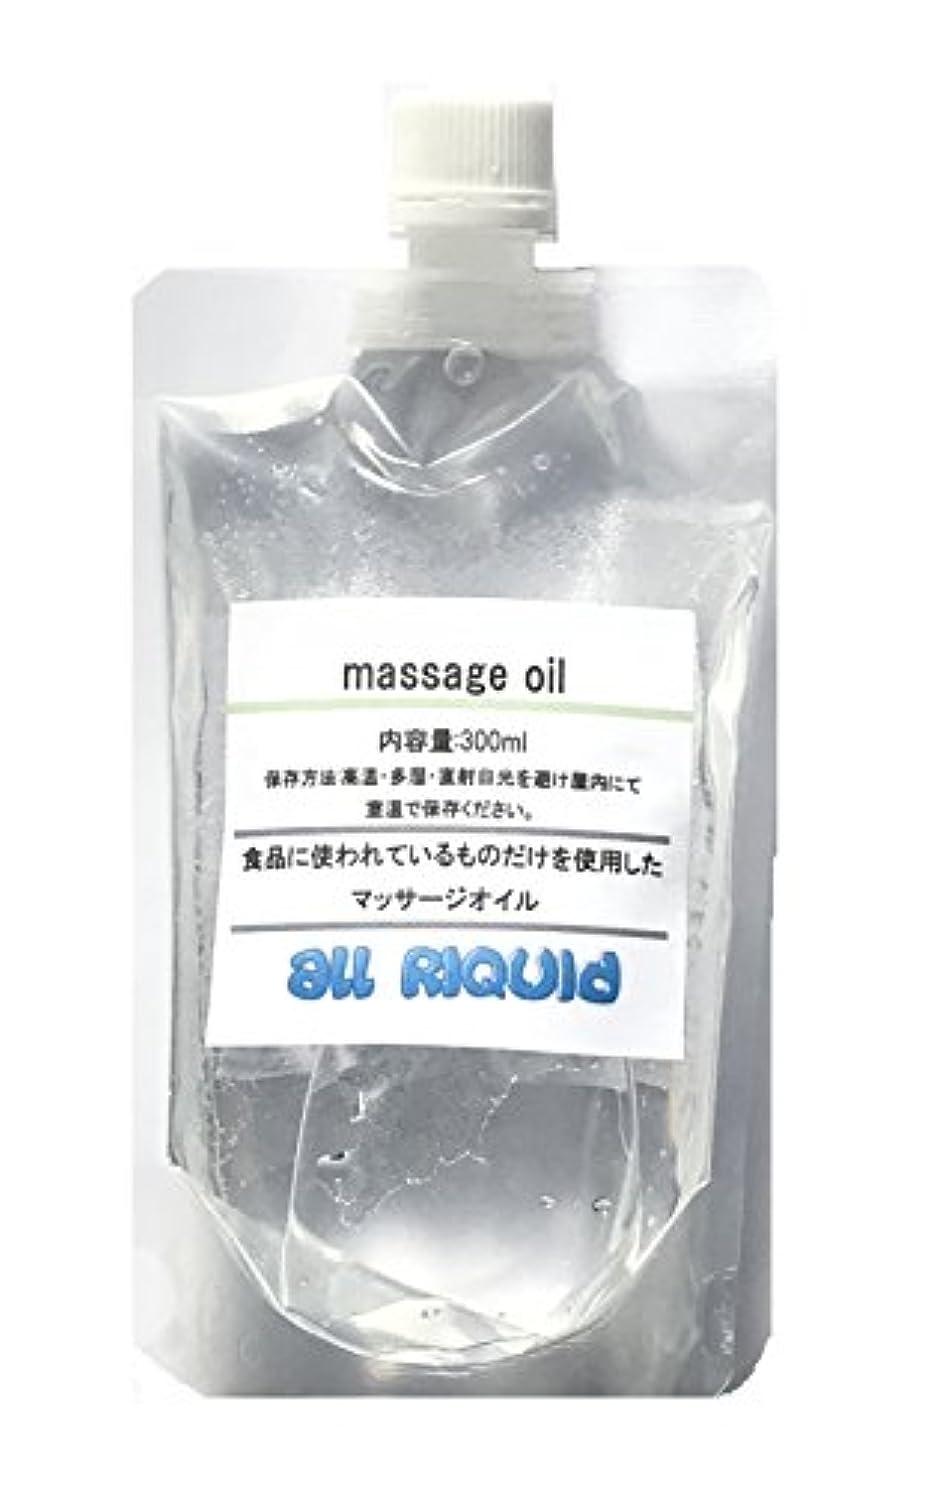 カジュアルやけど好意的(国産) 食品に使われているものしか入っていないアロママッサージオイル 爽やか天然ペパーミント配合マスカット オールリキッド製 300ml (グリセリン クエン酸)配合 大容量